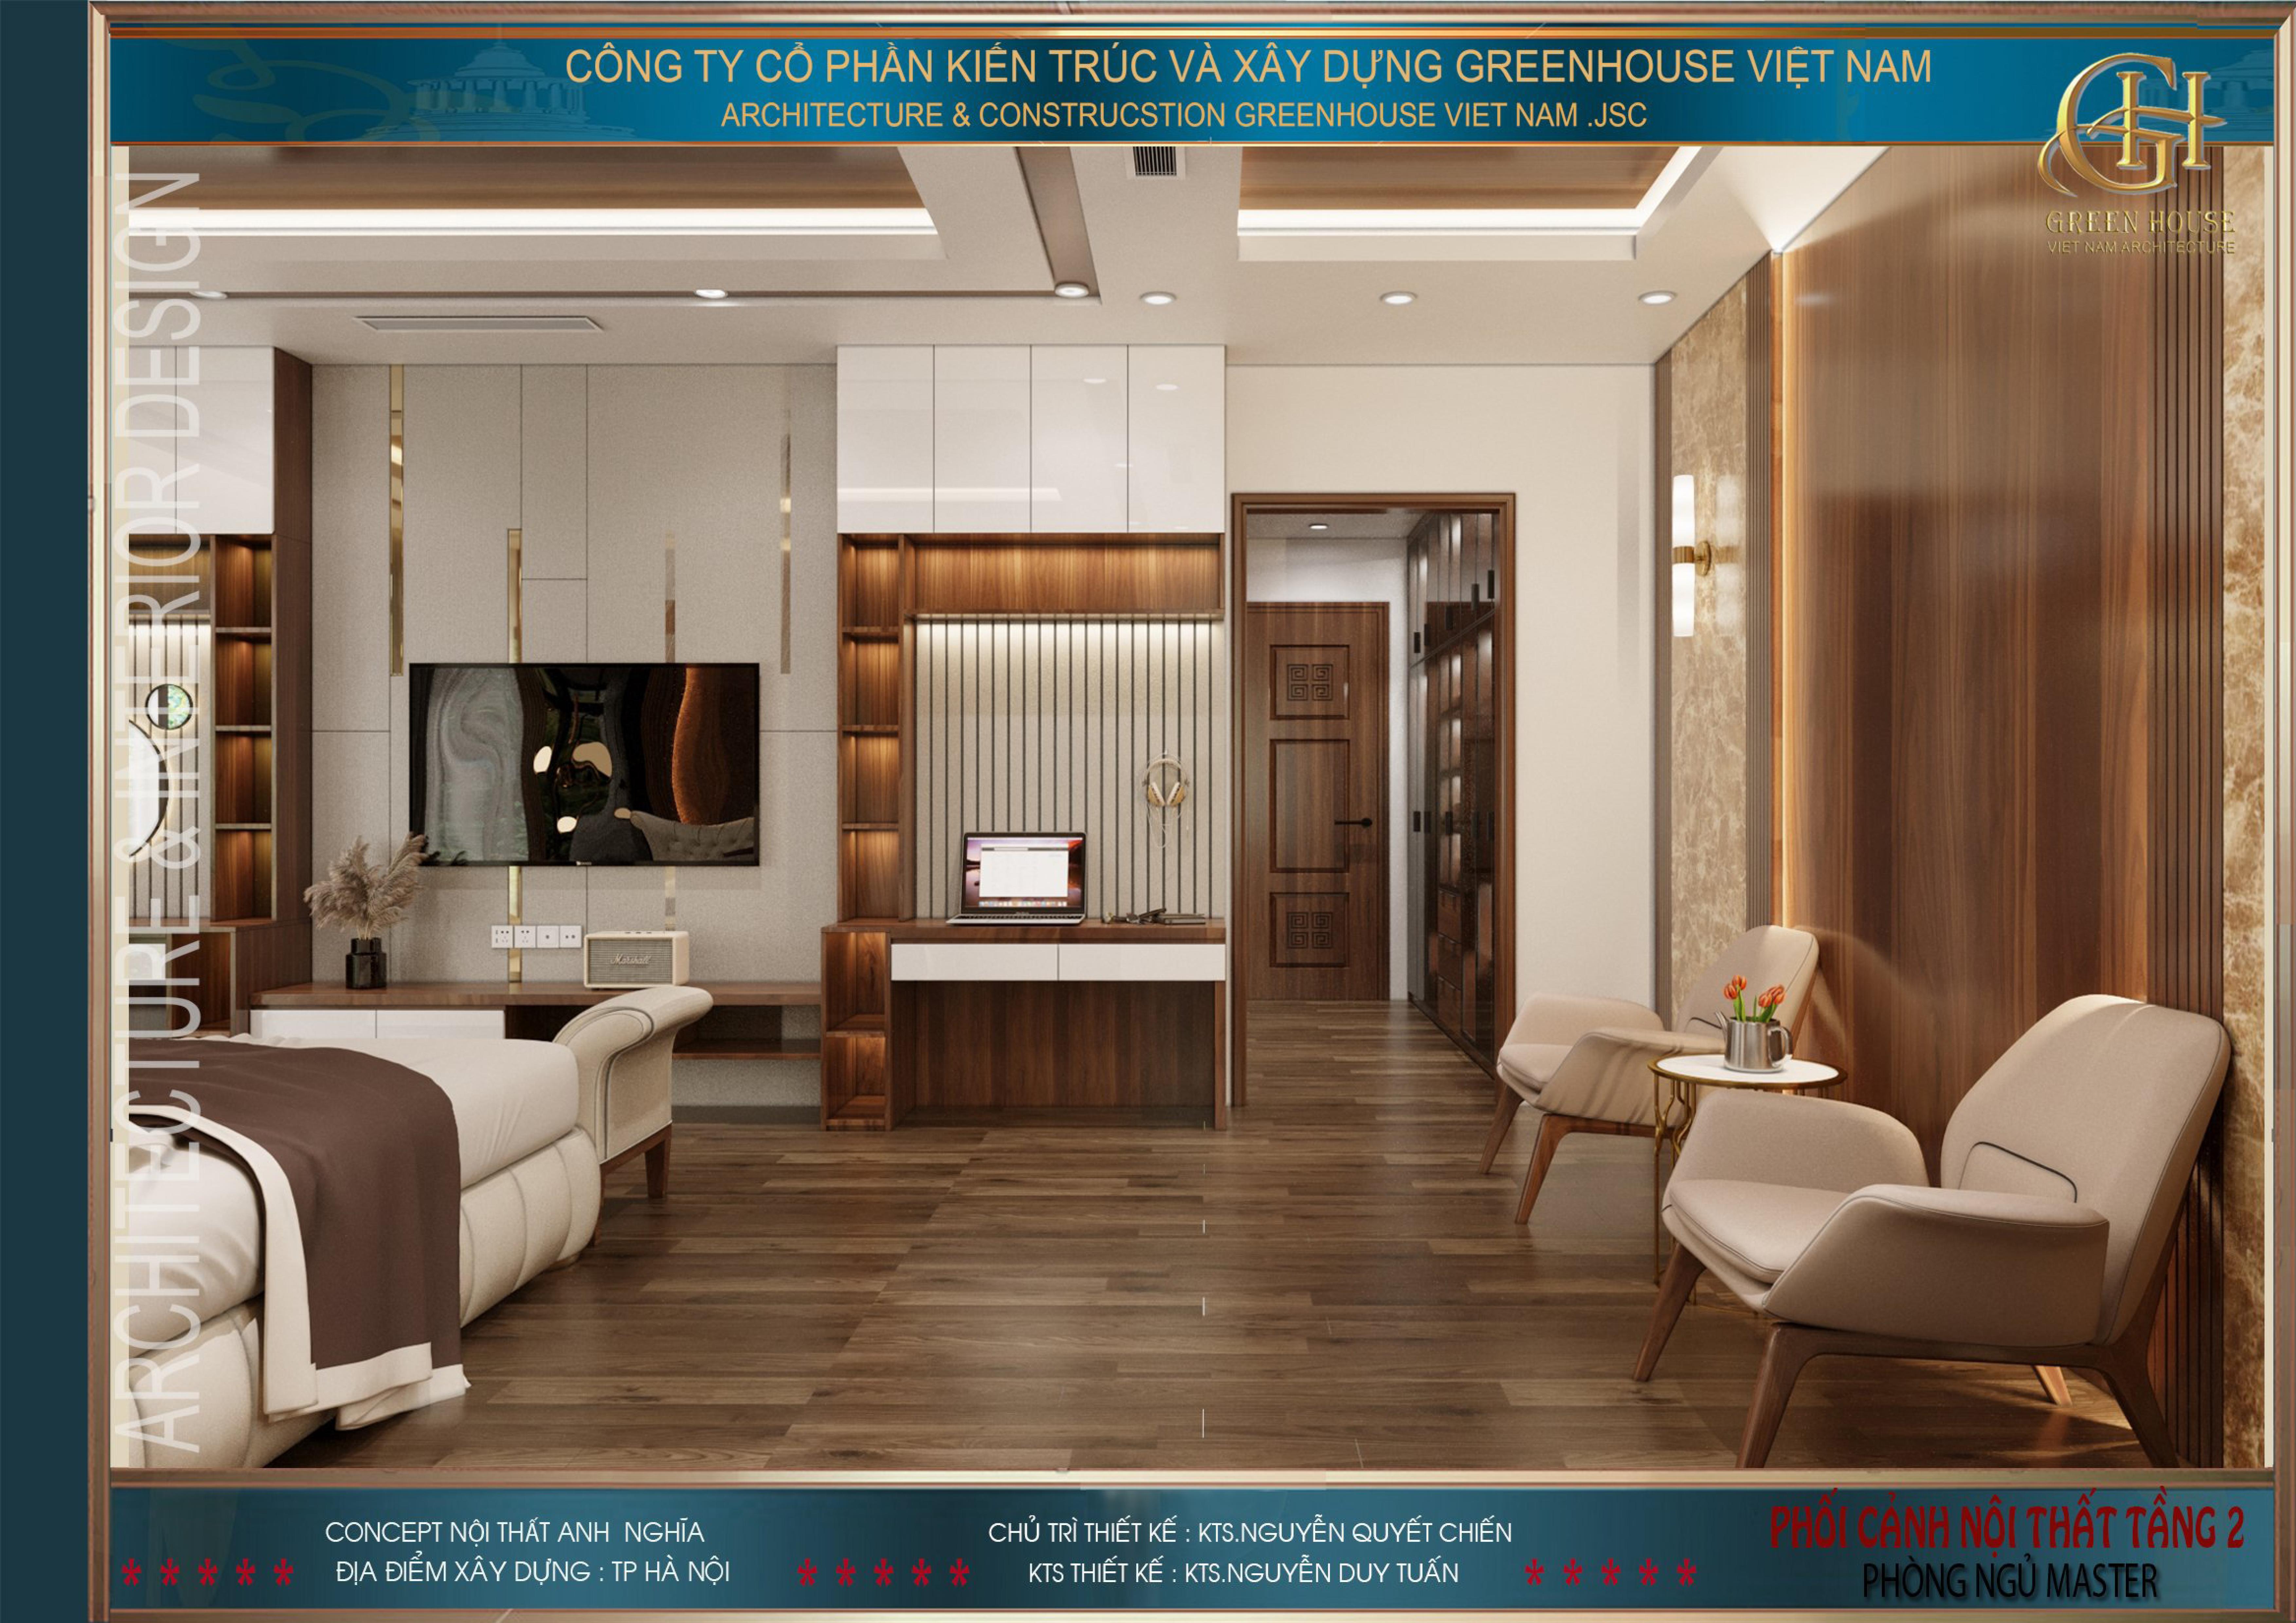 Phòng ngủ master được thiết kế đầy đủ các vật dụng cần thiết